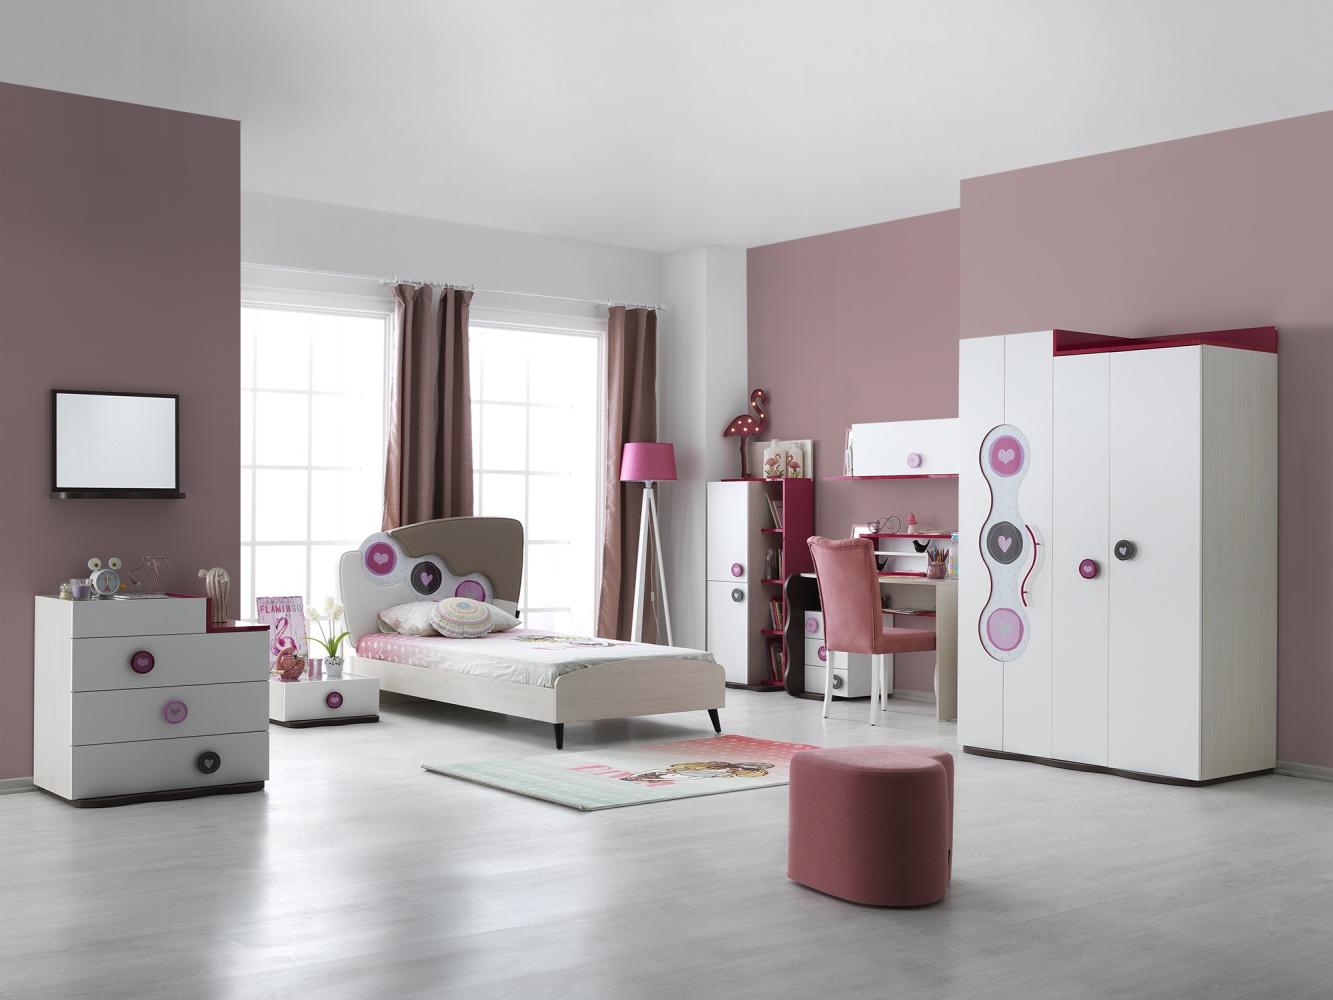 Full Size of Nachttisch Kinderzimmer 5de708a588b13 Regal Weiß Regale Sofa Kinderzimmer Nachttisch Kinderzimmer